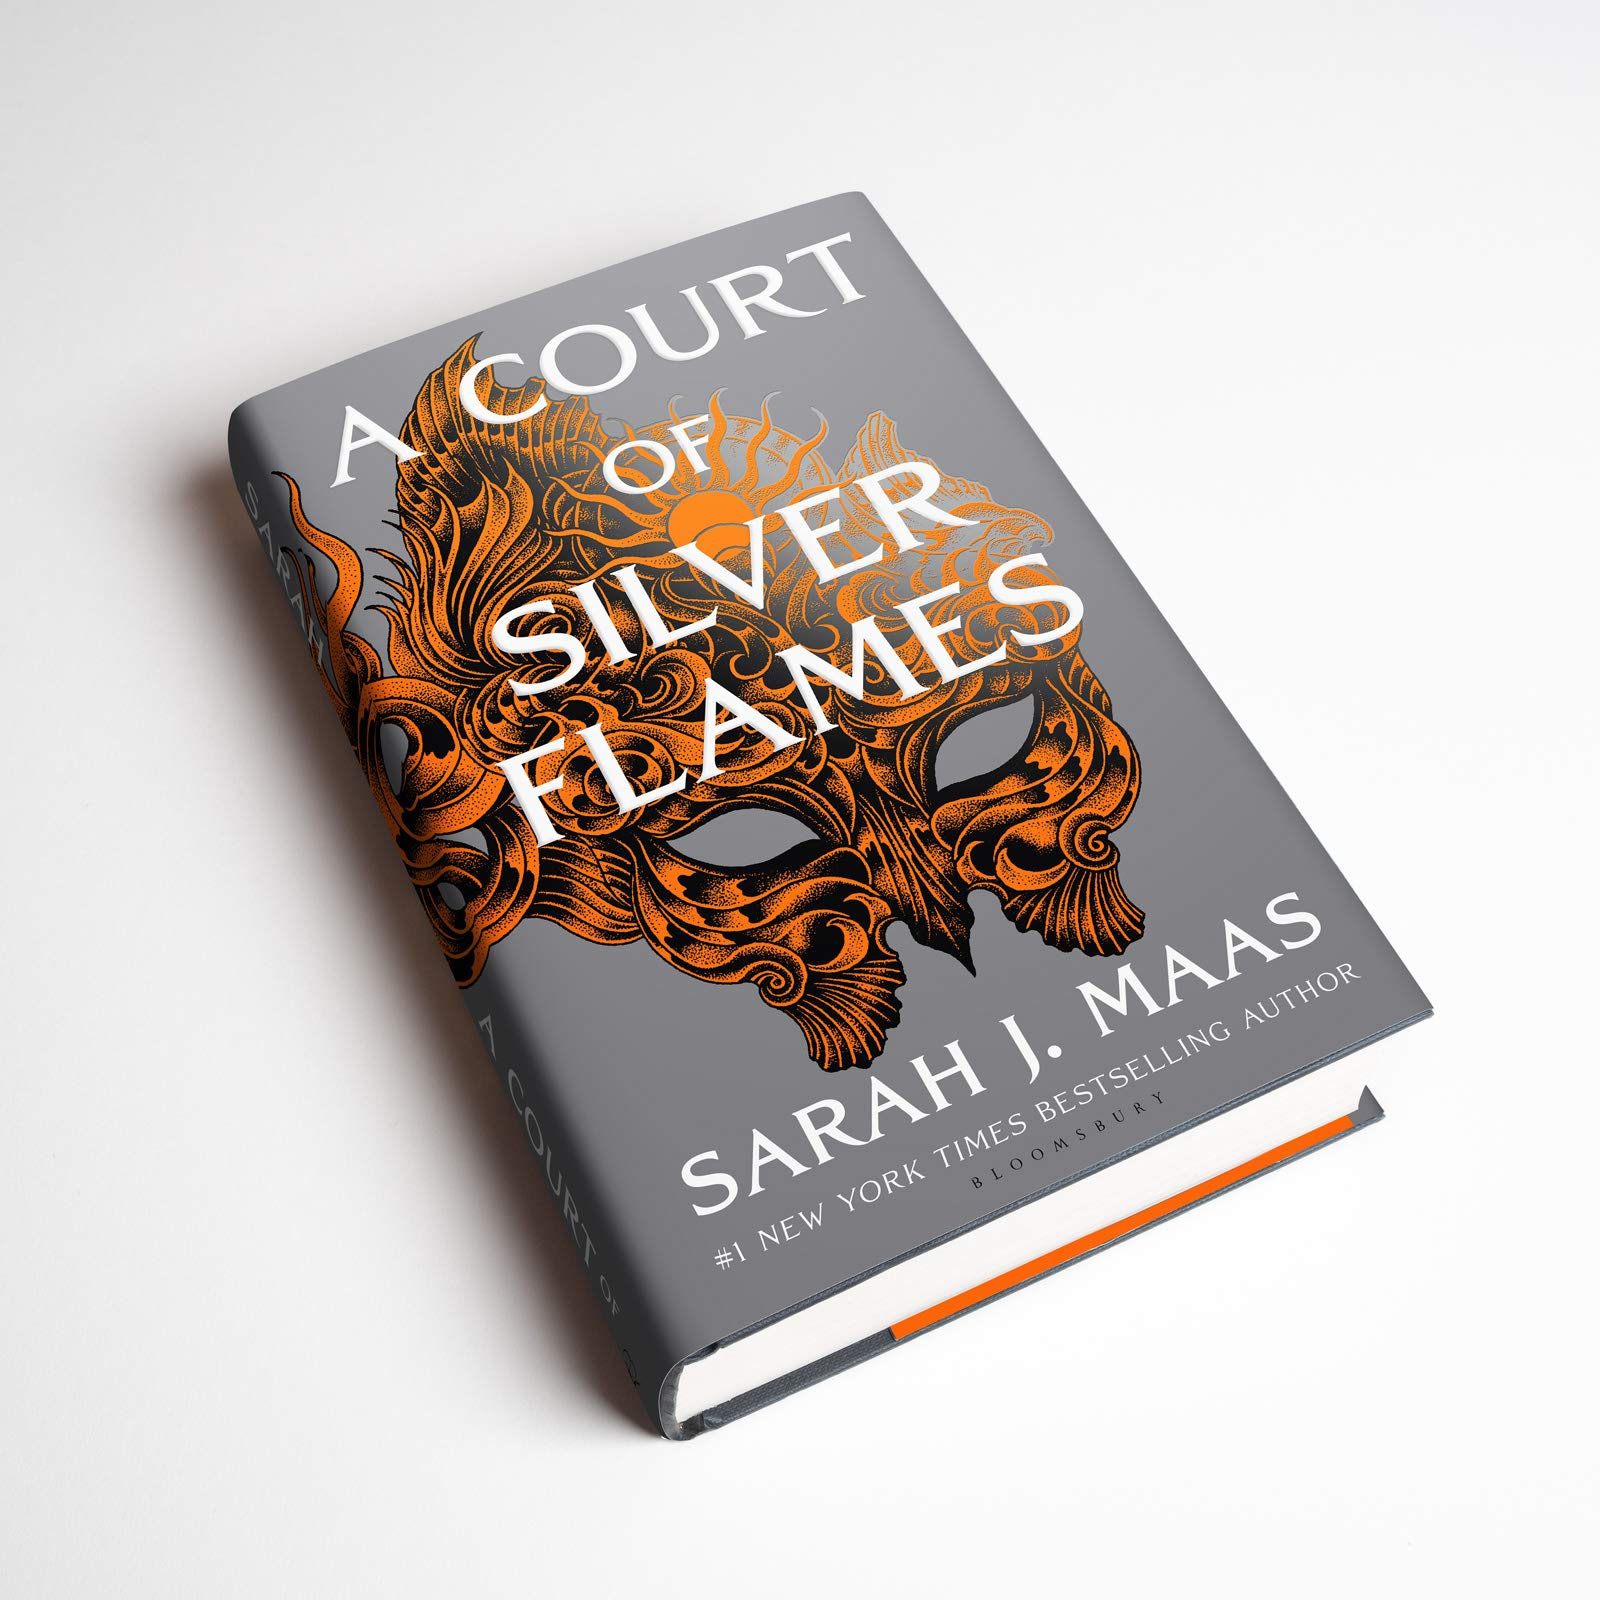 """Foto do livro Corte De Chamas Prateadas, em sua versão original. Em uma superfície branca e lisa, o livro cinza esta apoiado. Na capa há um desenho laranja de uma mascará que segue até a parte de trás. No canto superior até o centro da capa está escrito, em letras brancas, """" A Court Of Silver Flames"""". No canto inferior, também em branco, está o texto 'Sarah J. Maas #1 New York Times bestselling author""""."""